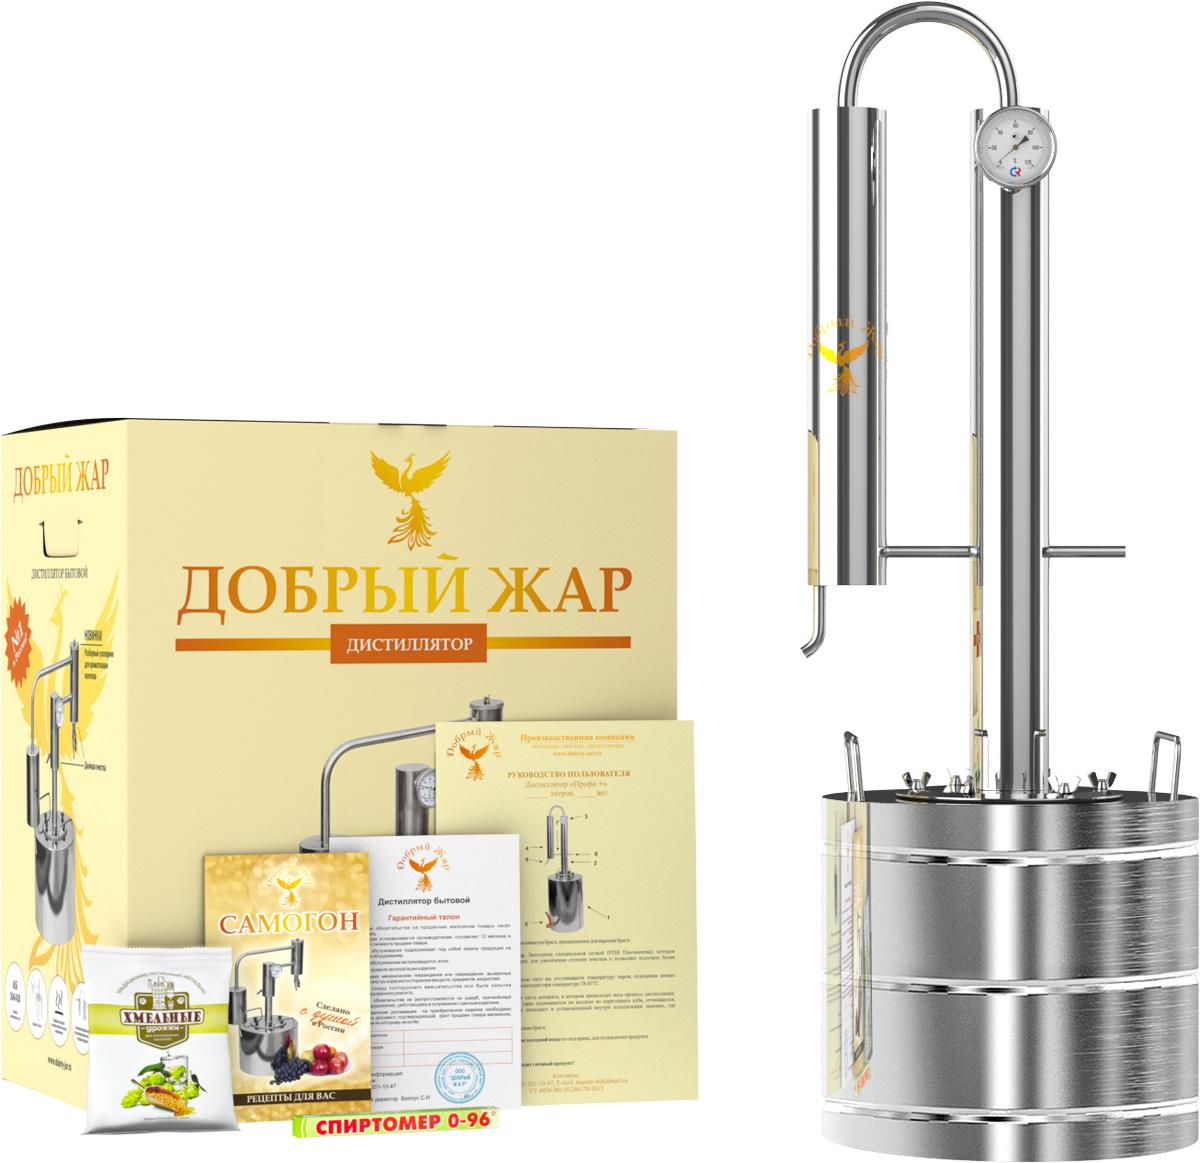 Добрый жар Профи Плюс дистиллятор проточный, 30 л дистиллятор проточный добрый жар профи плюс 40 литров